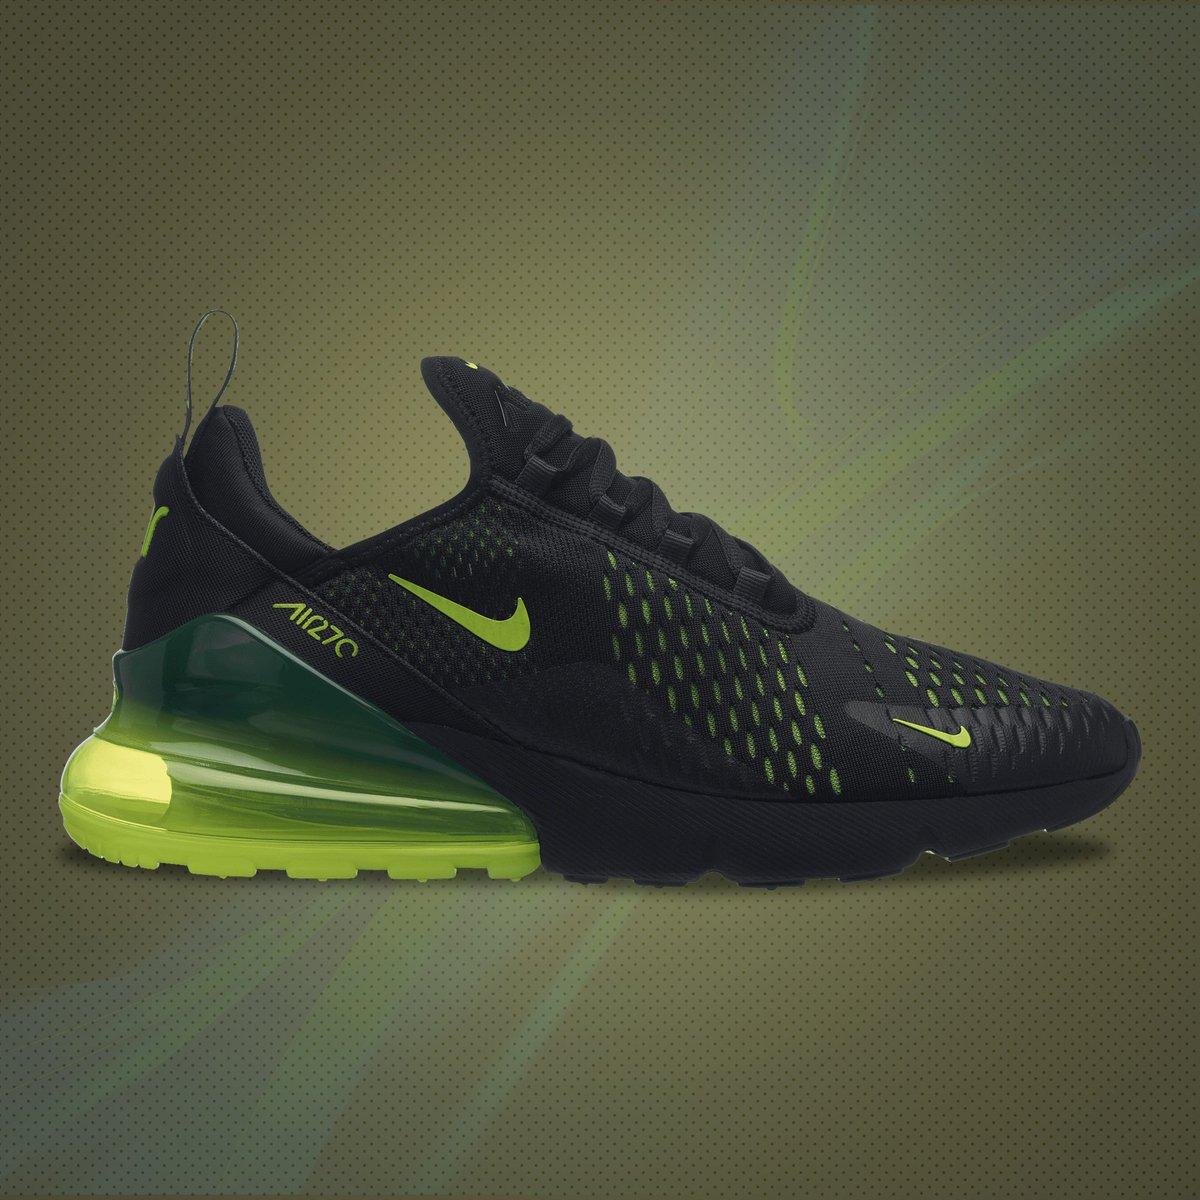 5d14b7ff7d028 Nike Air Max 270